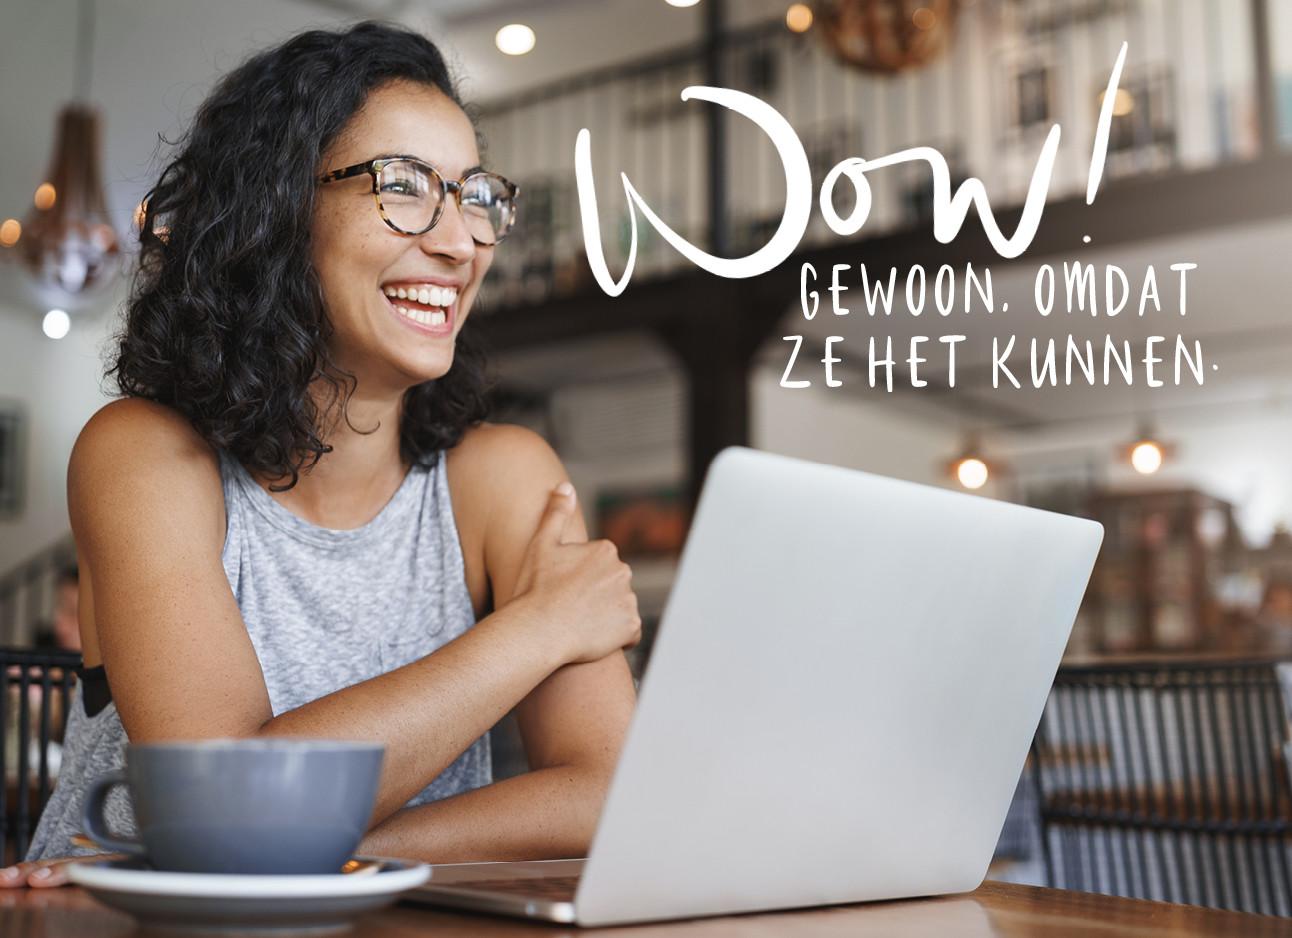 een meisje in een cafe dat lacht achter een laptop